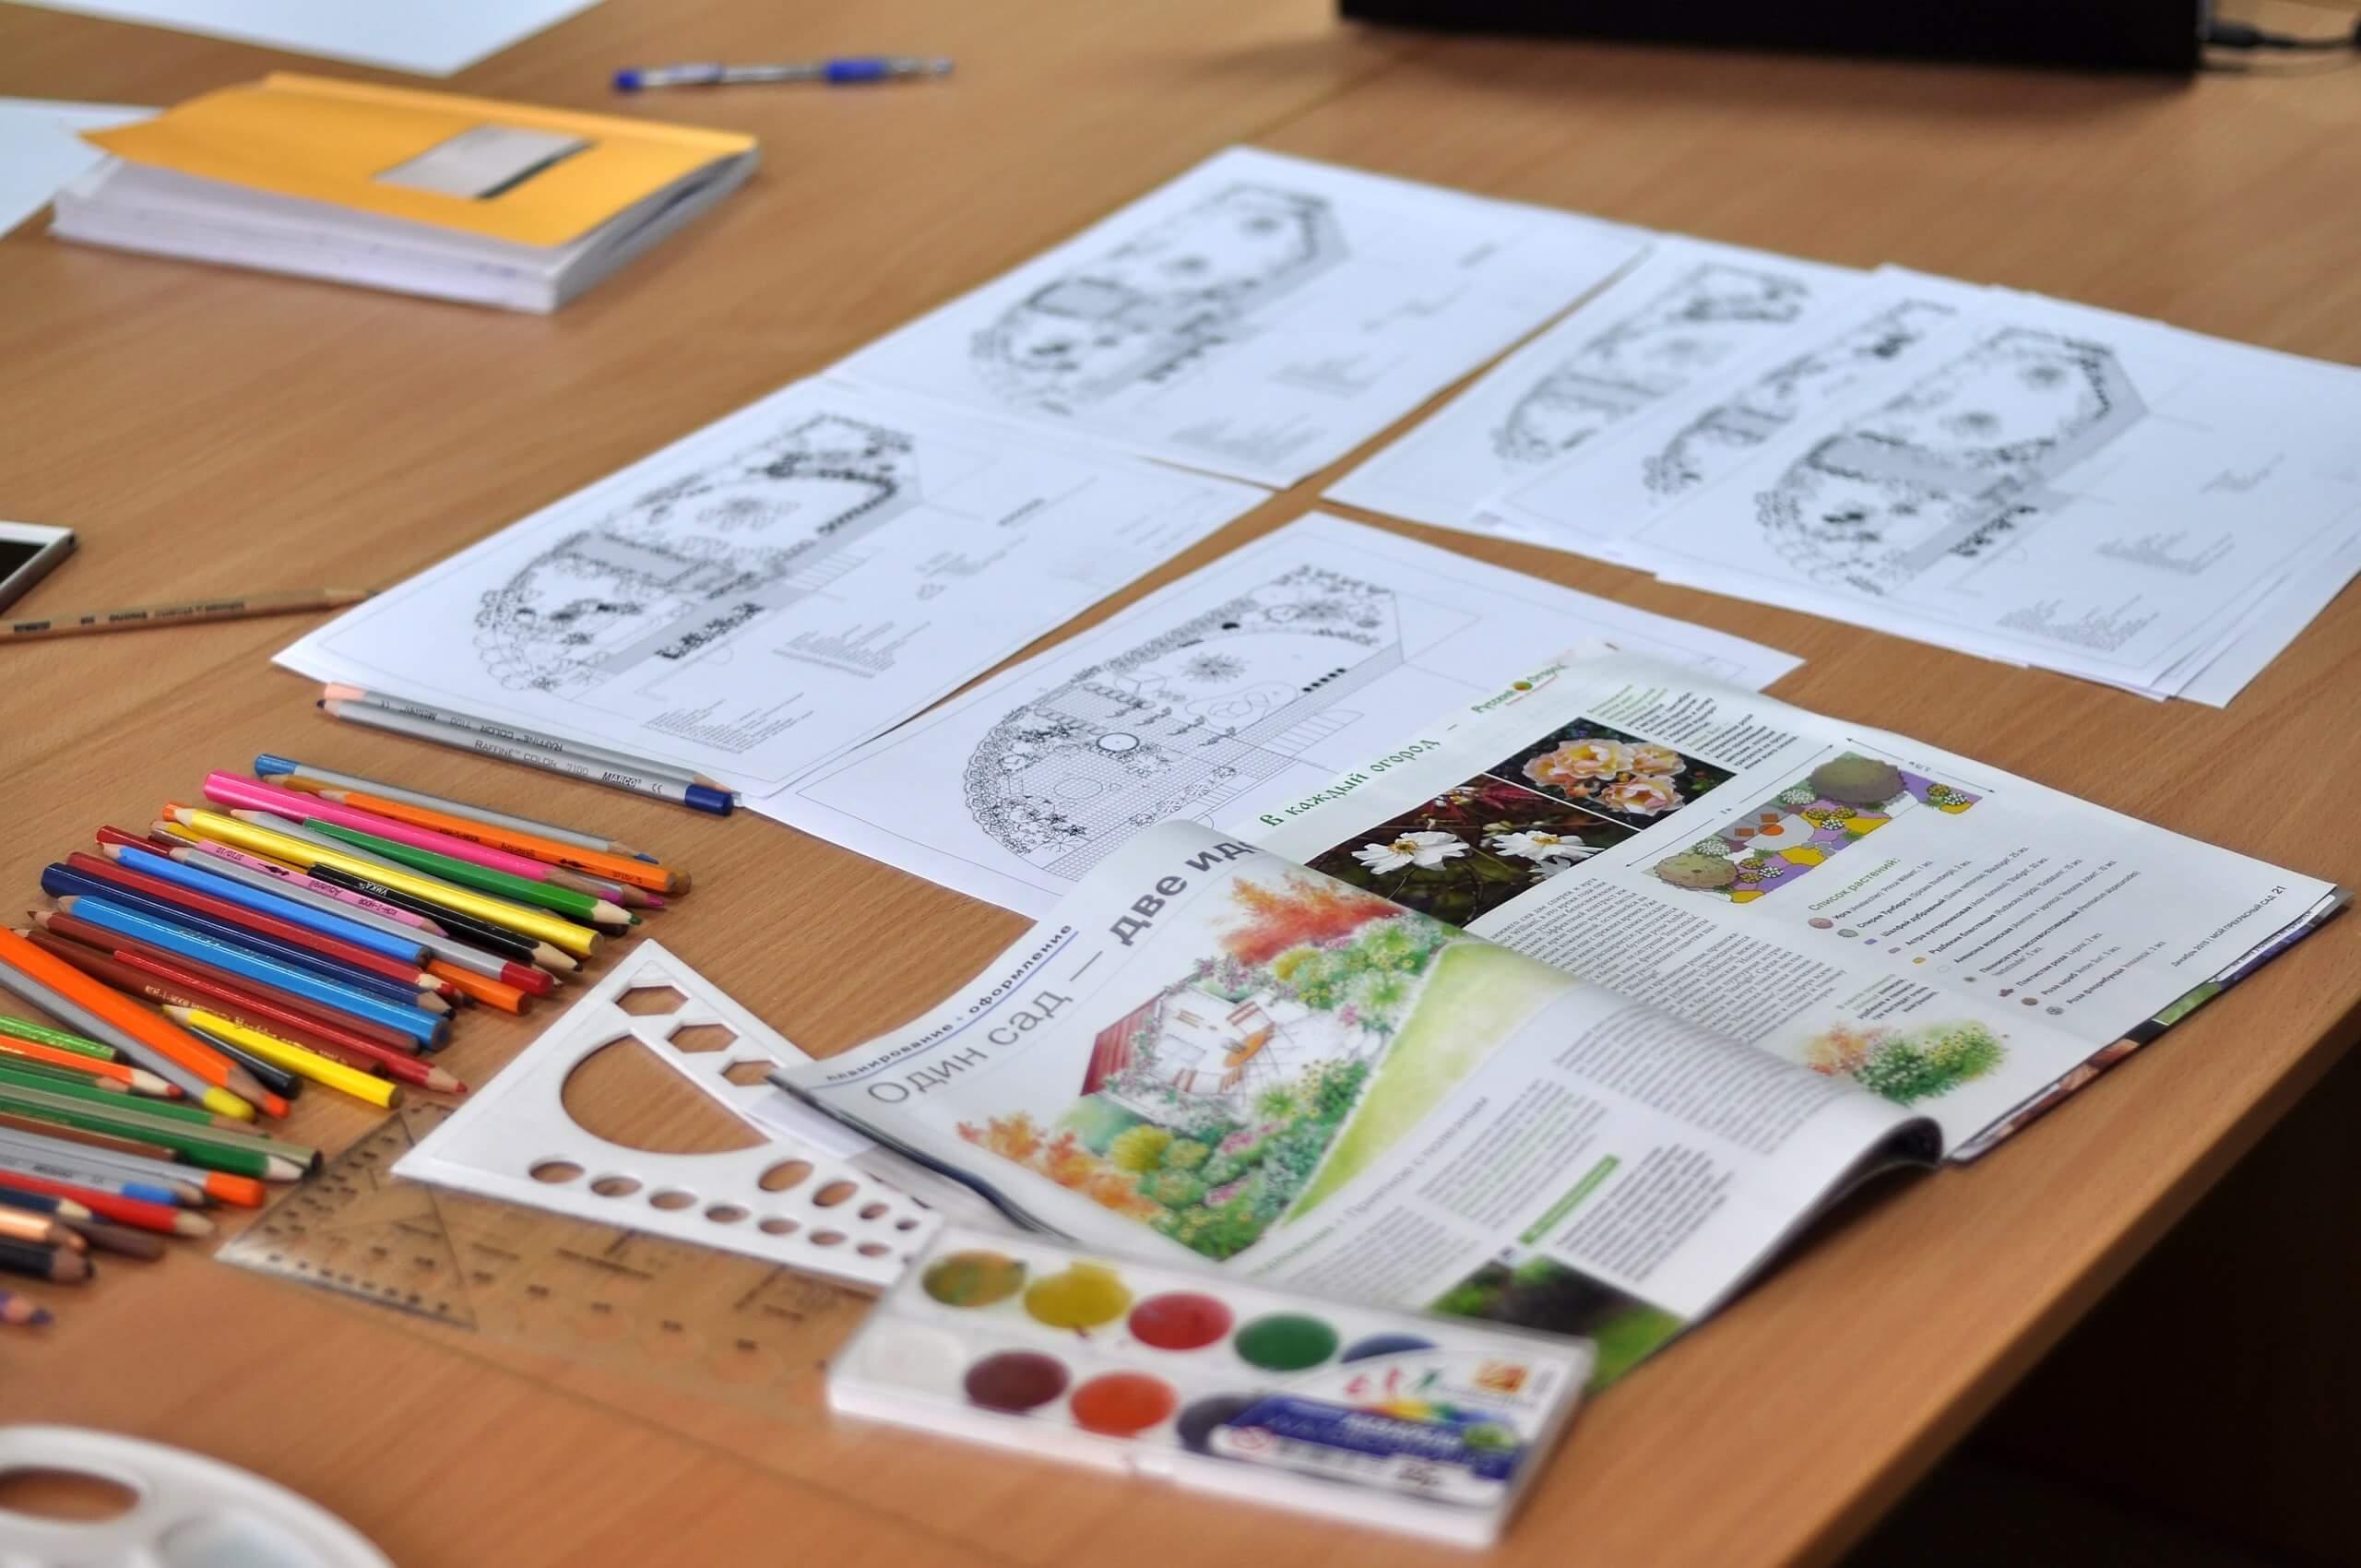 Ландшафтный дизайн. Изучаем виды подачи чертежей.